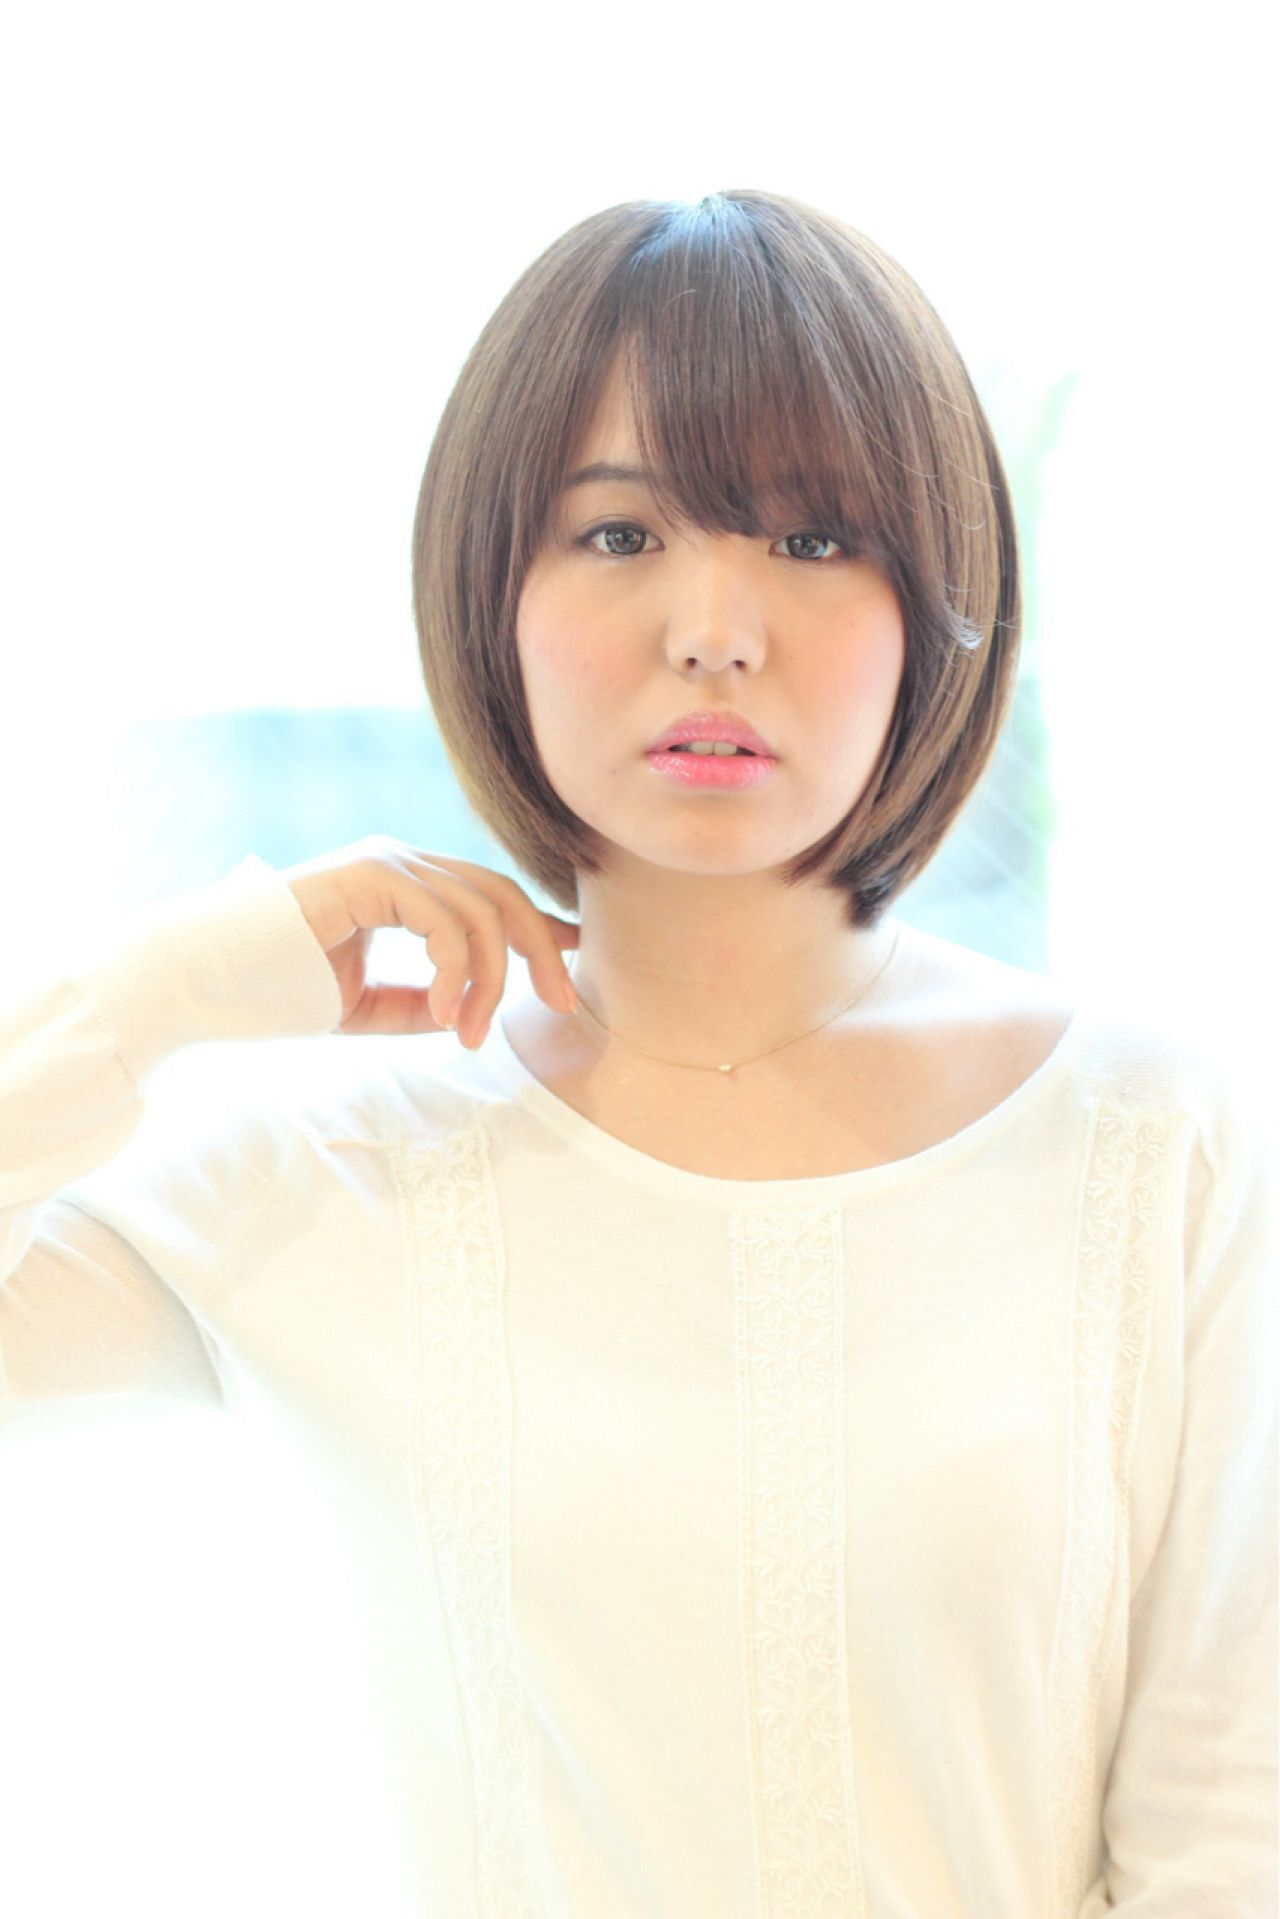 モテ髪 簡単 艶髪 ボブヘアスタイルや髪型の写真・画像